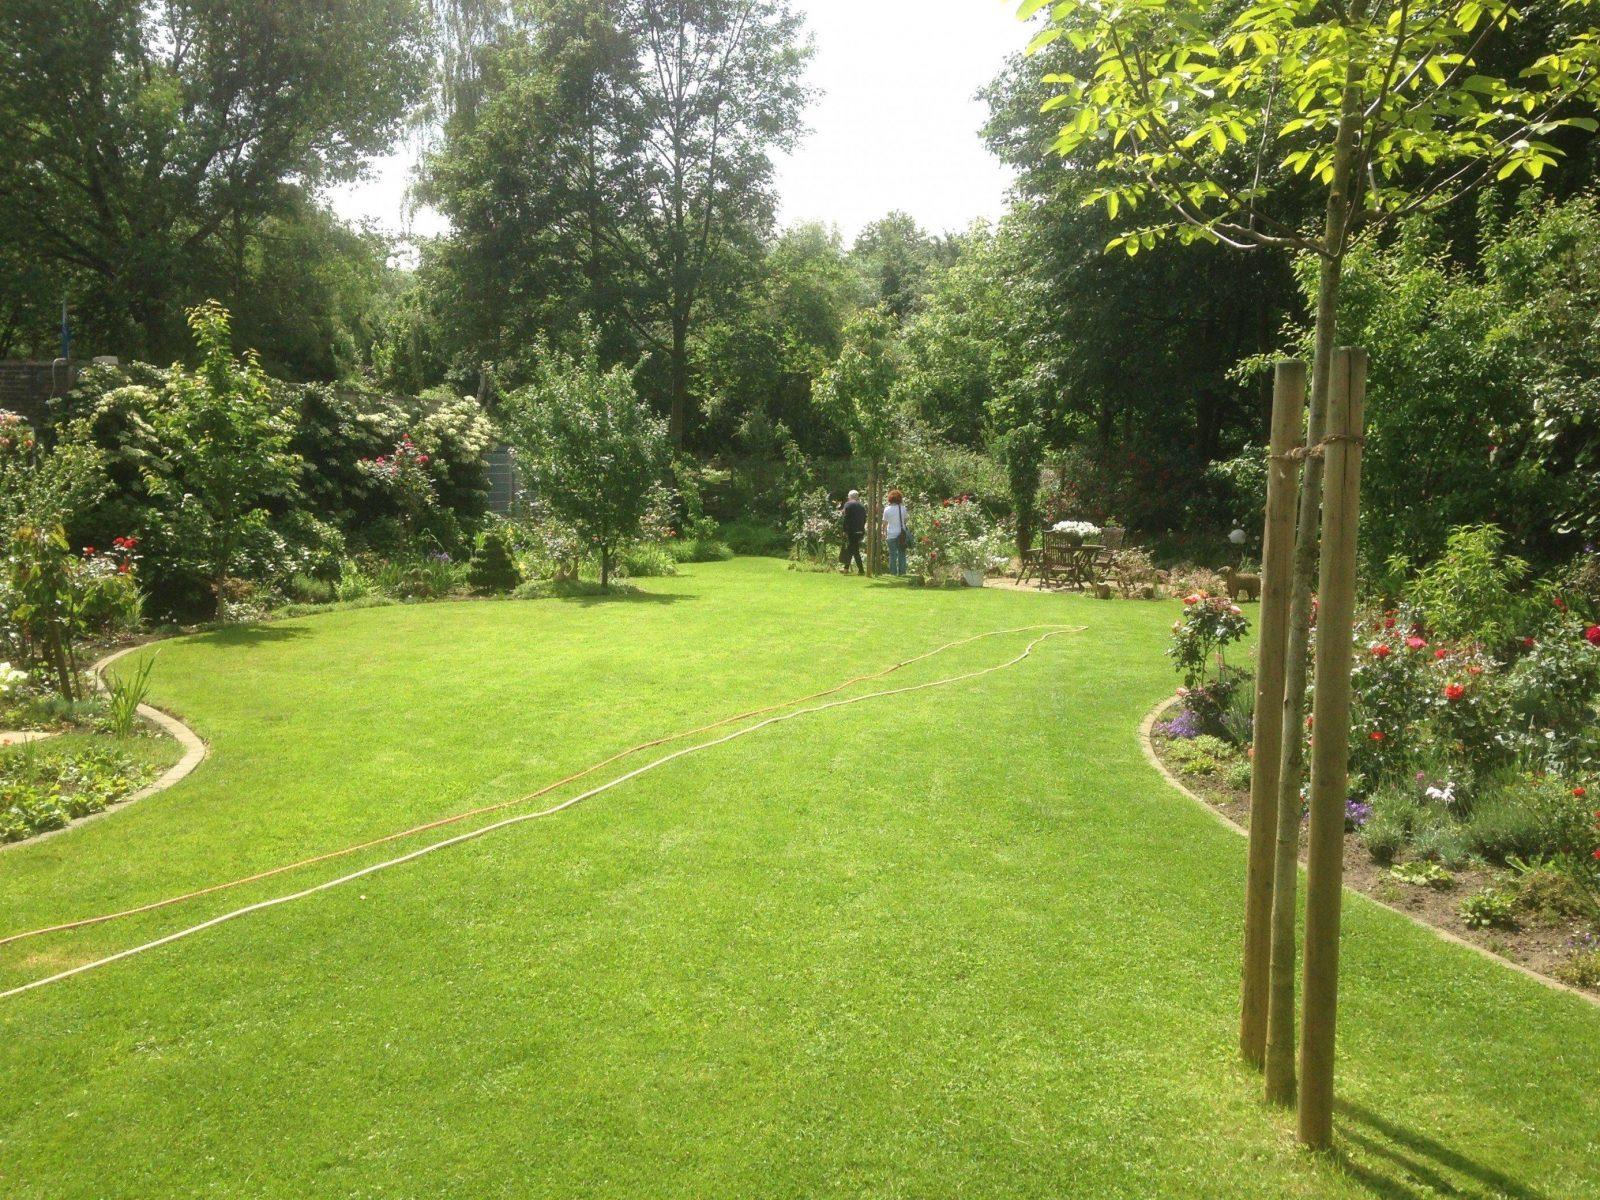 Alles Für Garten Schön Einzigartig 40 Garten Ohne Rasen Alternativen von Garten Ohne Rasen Alternativen Zum Rasen Photo